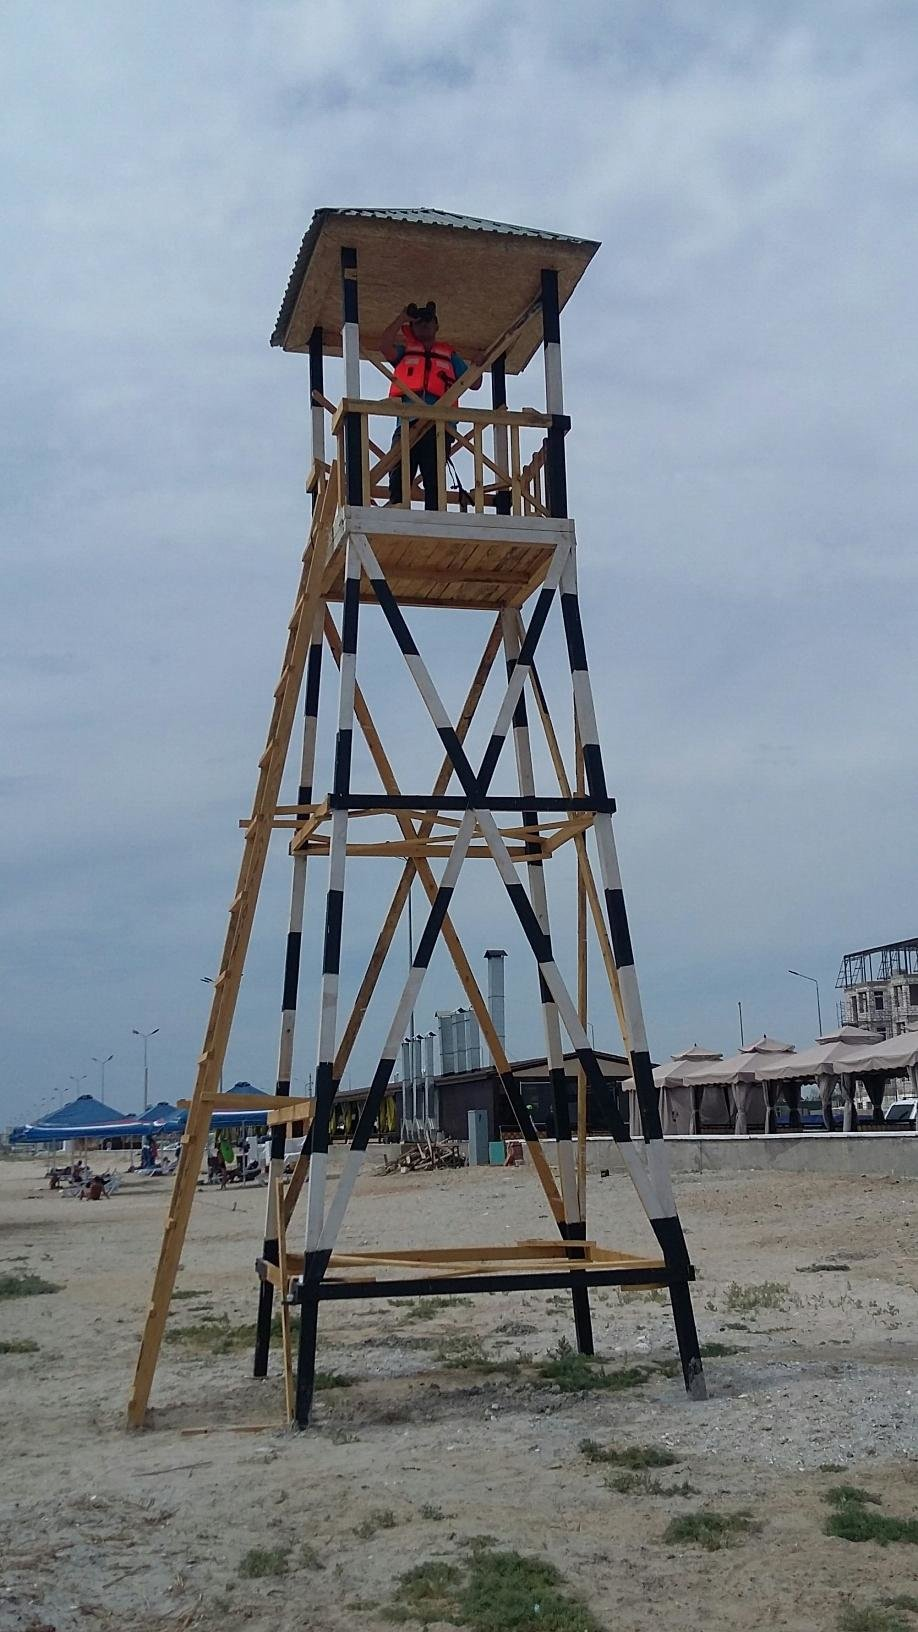 На прибрежной зоне в Актау установлена дополнительная спасательная вышка, фото-1